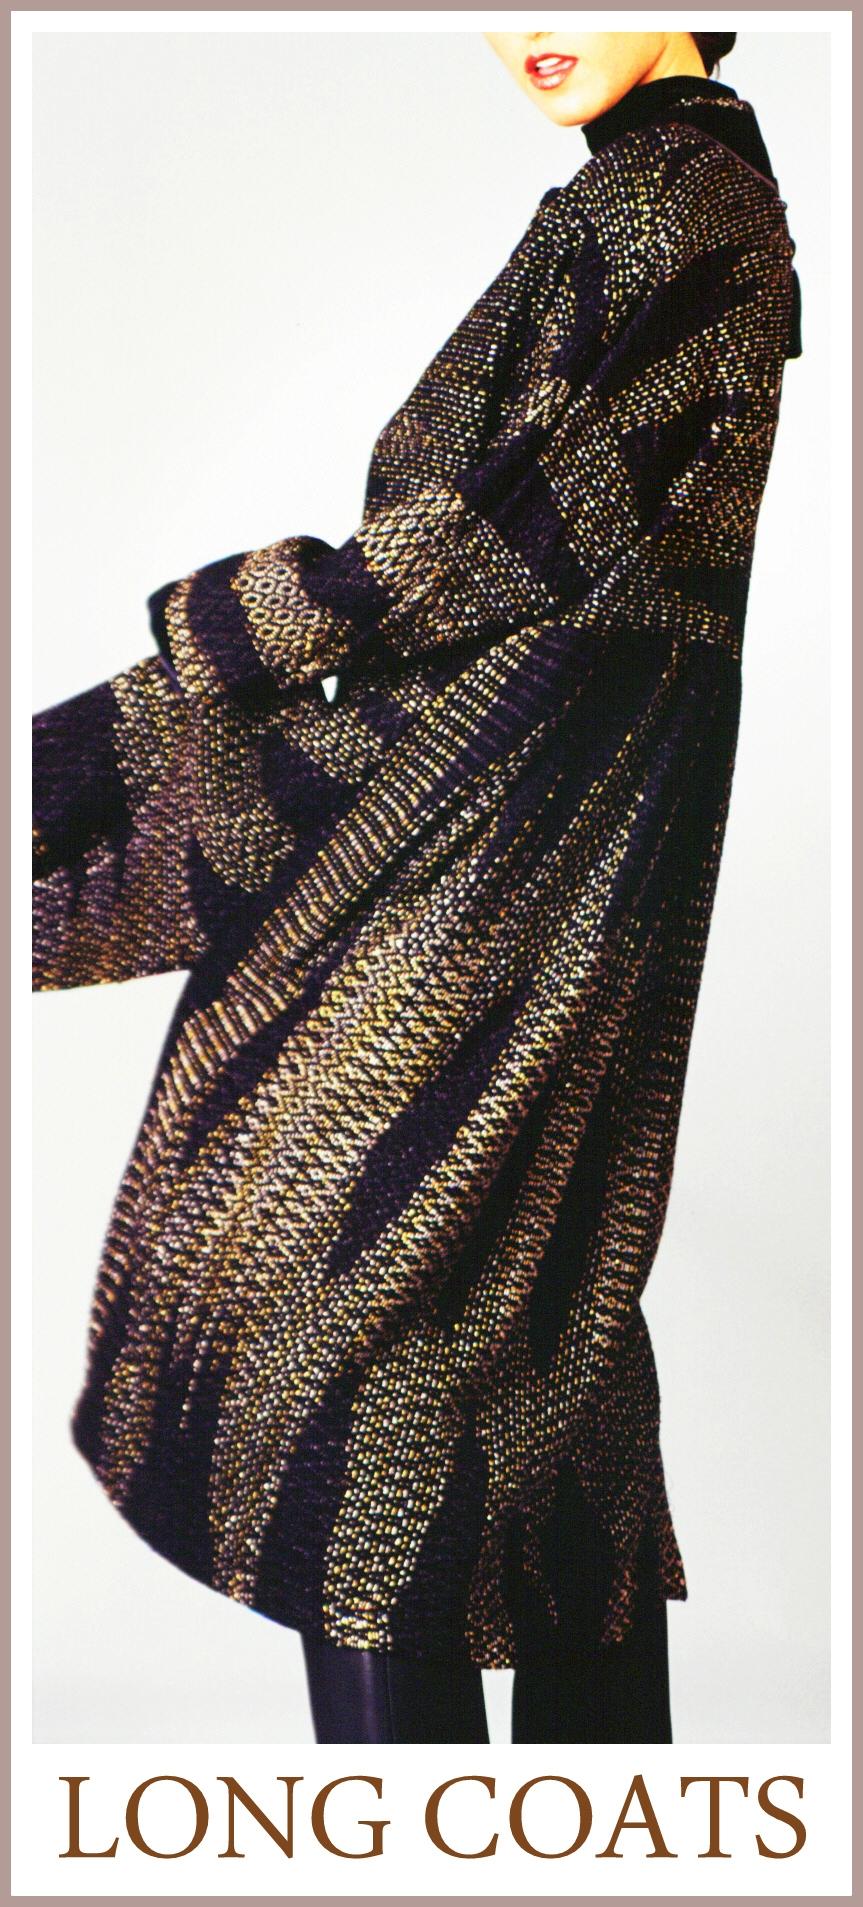 Kathy Weir-West, Artist, Weaver, Fashion Designer 6.JPG